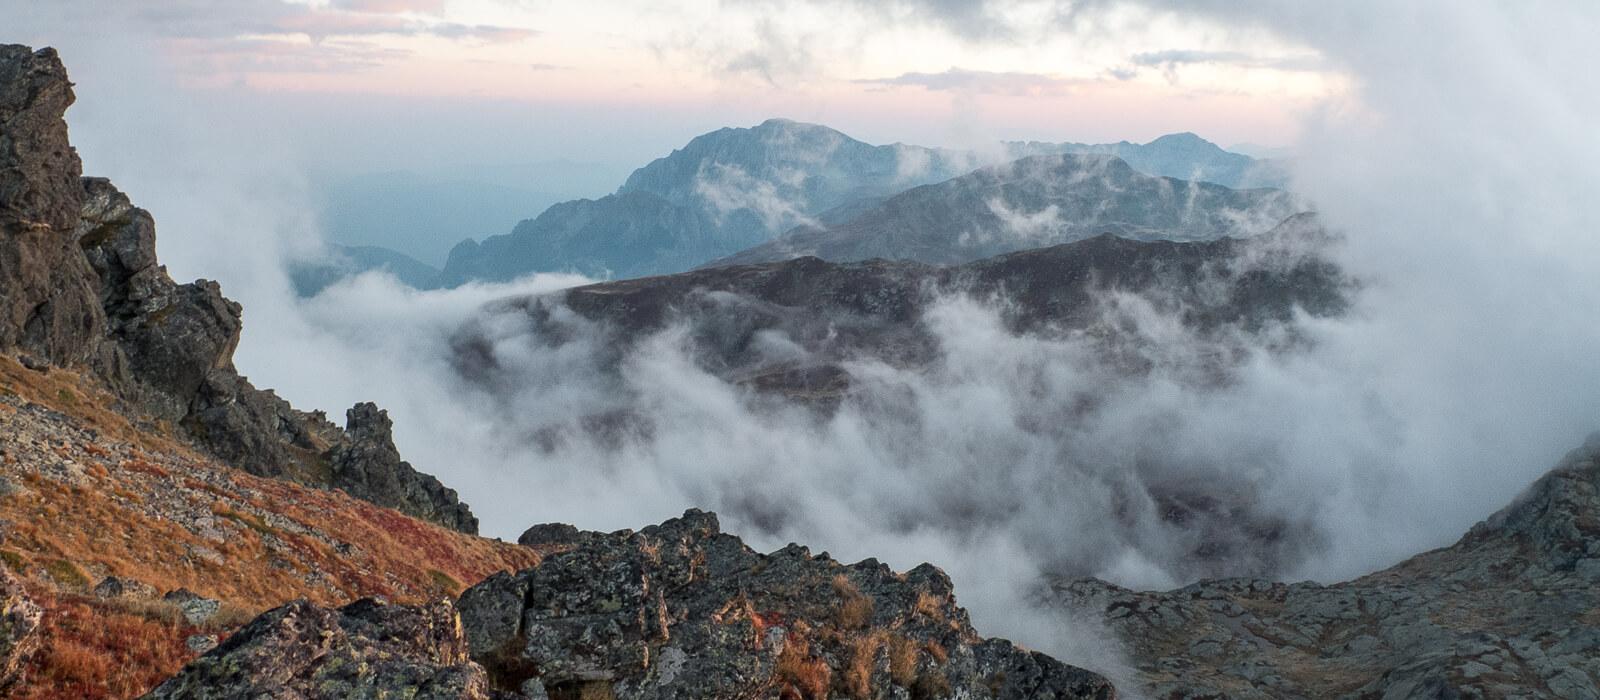 Z takich gór nie chce się wyjeżdżać, nawet jeśli są przeklęte. Wejście na najwyższy szczyt Kosowa